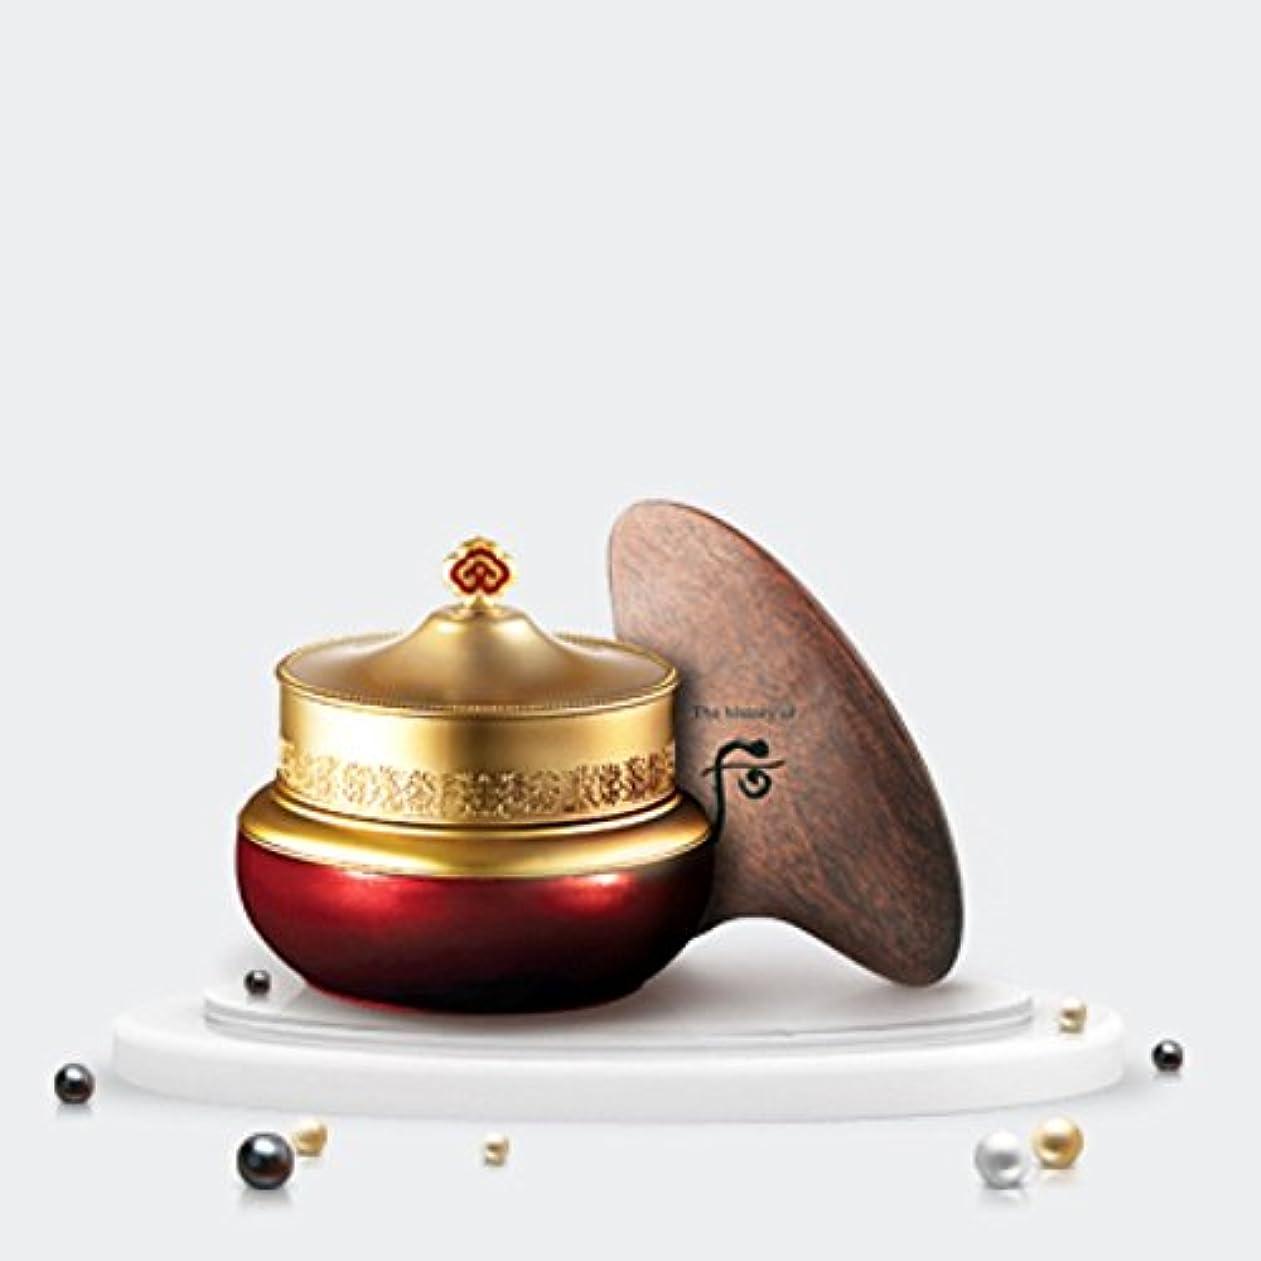 タフ逮捕ジャンクThe History of Whoo Jinyulhyang Essential Massage Mask 100ml/ザ ヒストリー オブ フー (后) 津率享 エッセンシャル マッサージ マスク 100ml